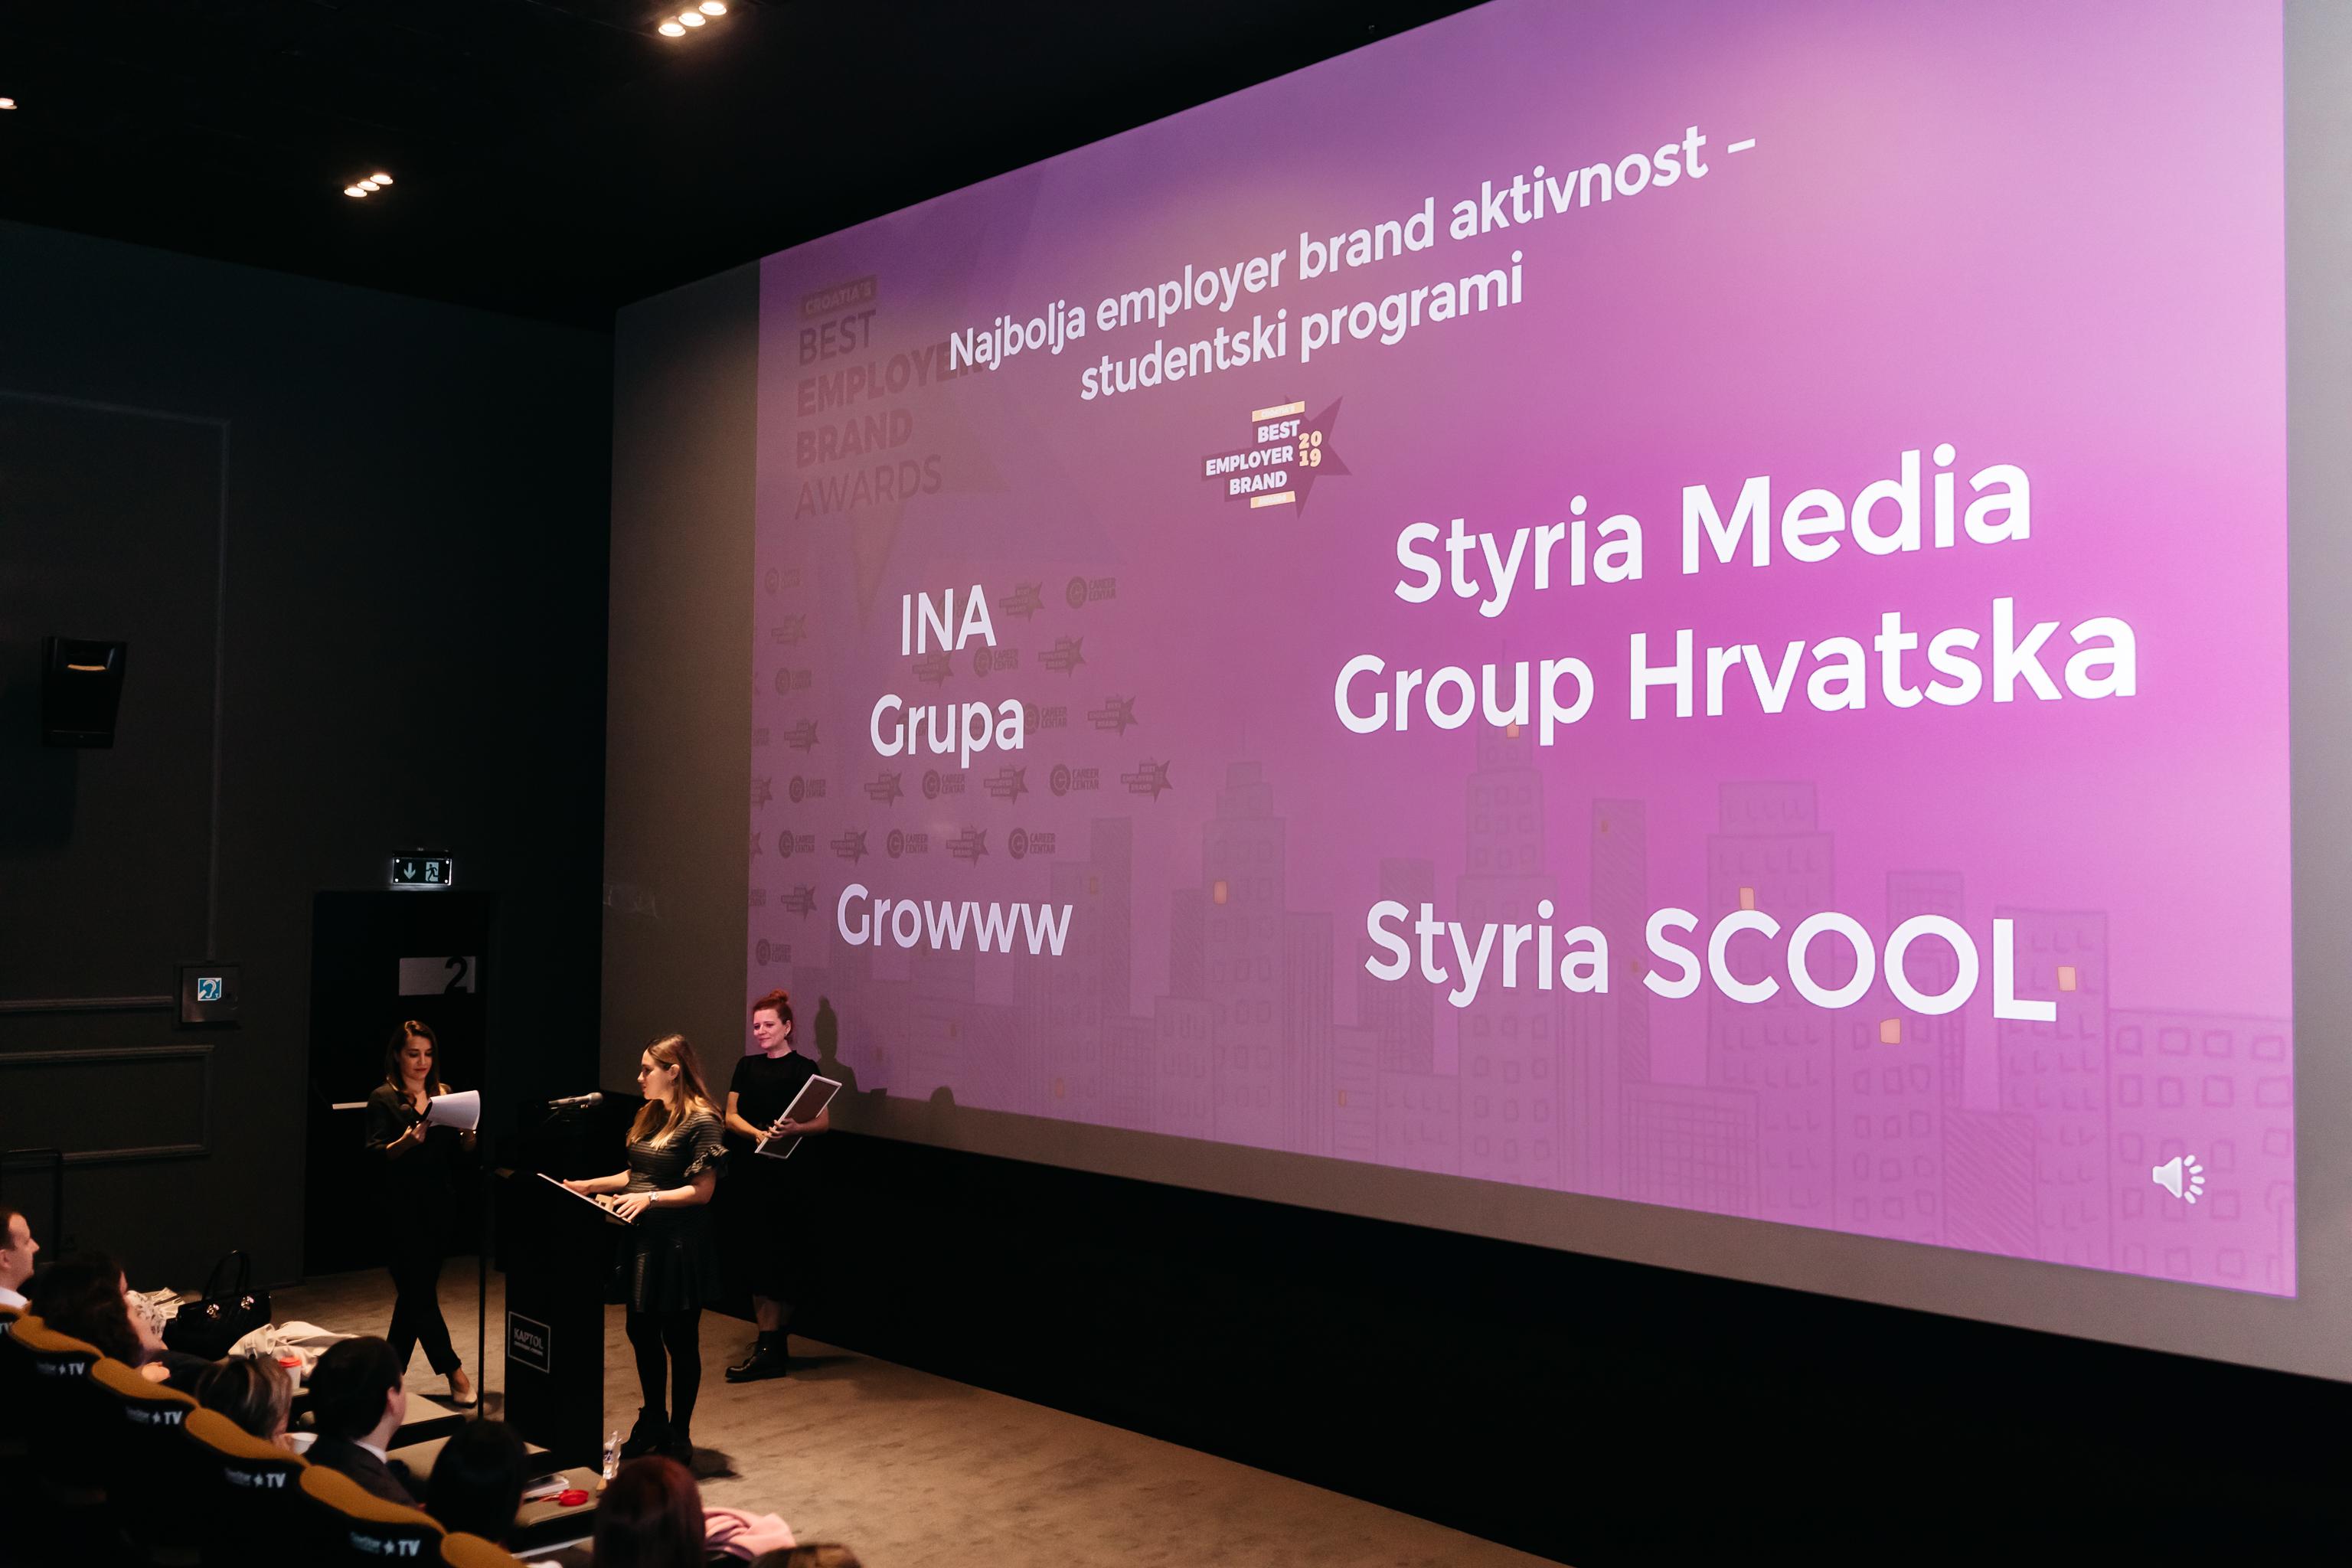 INA i Styria - Najbolji studentski progr